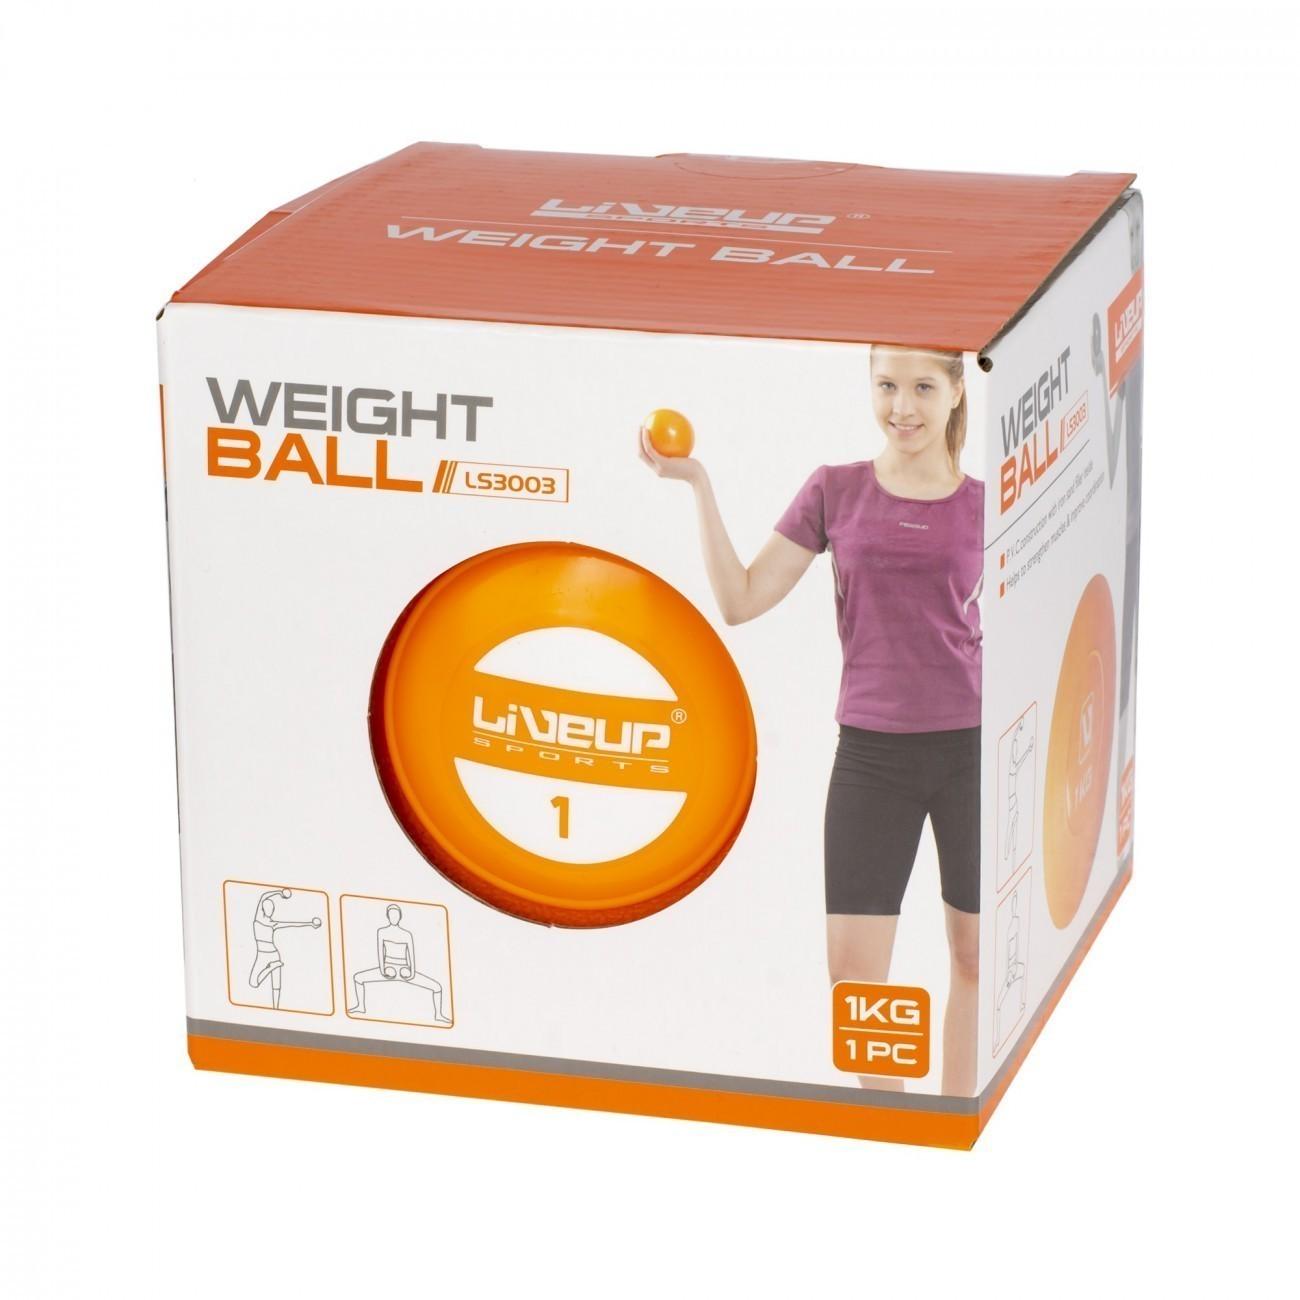 SOFT BALL - MINI BOLA DE EXERCÍCIO - 1KG LIVEUP